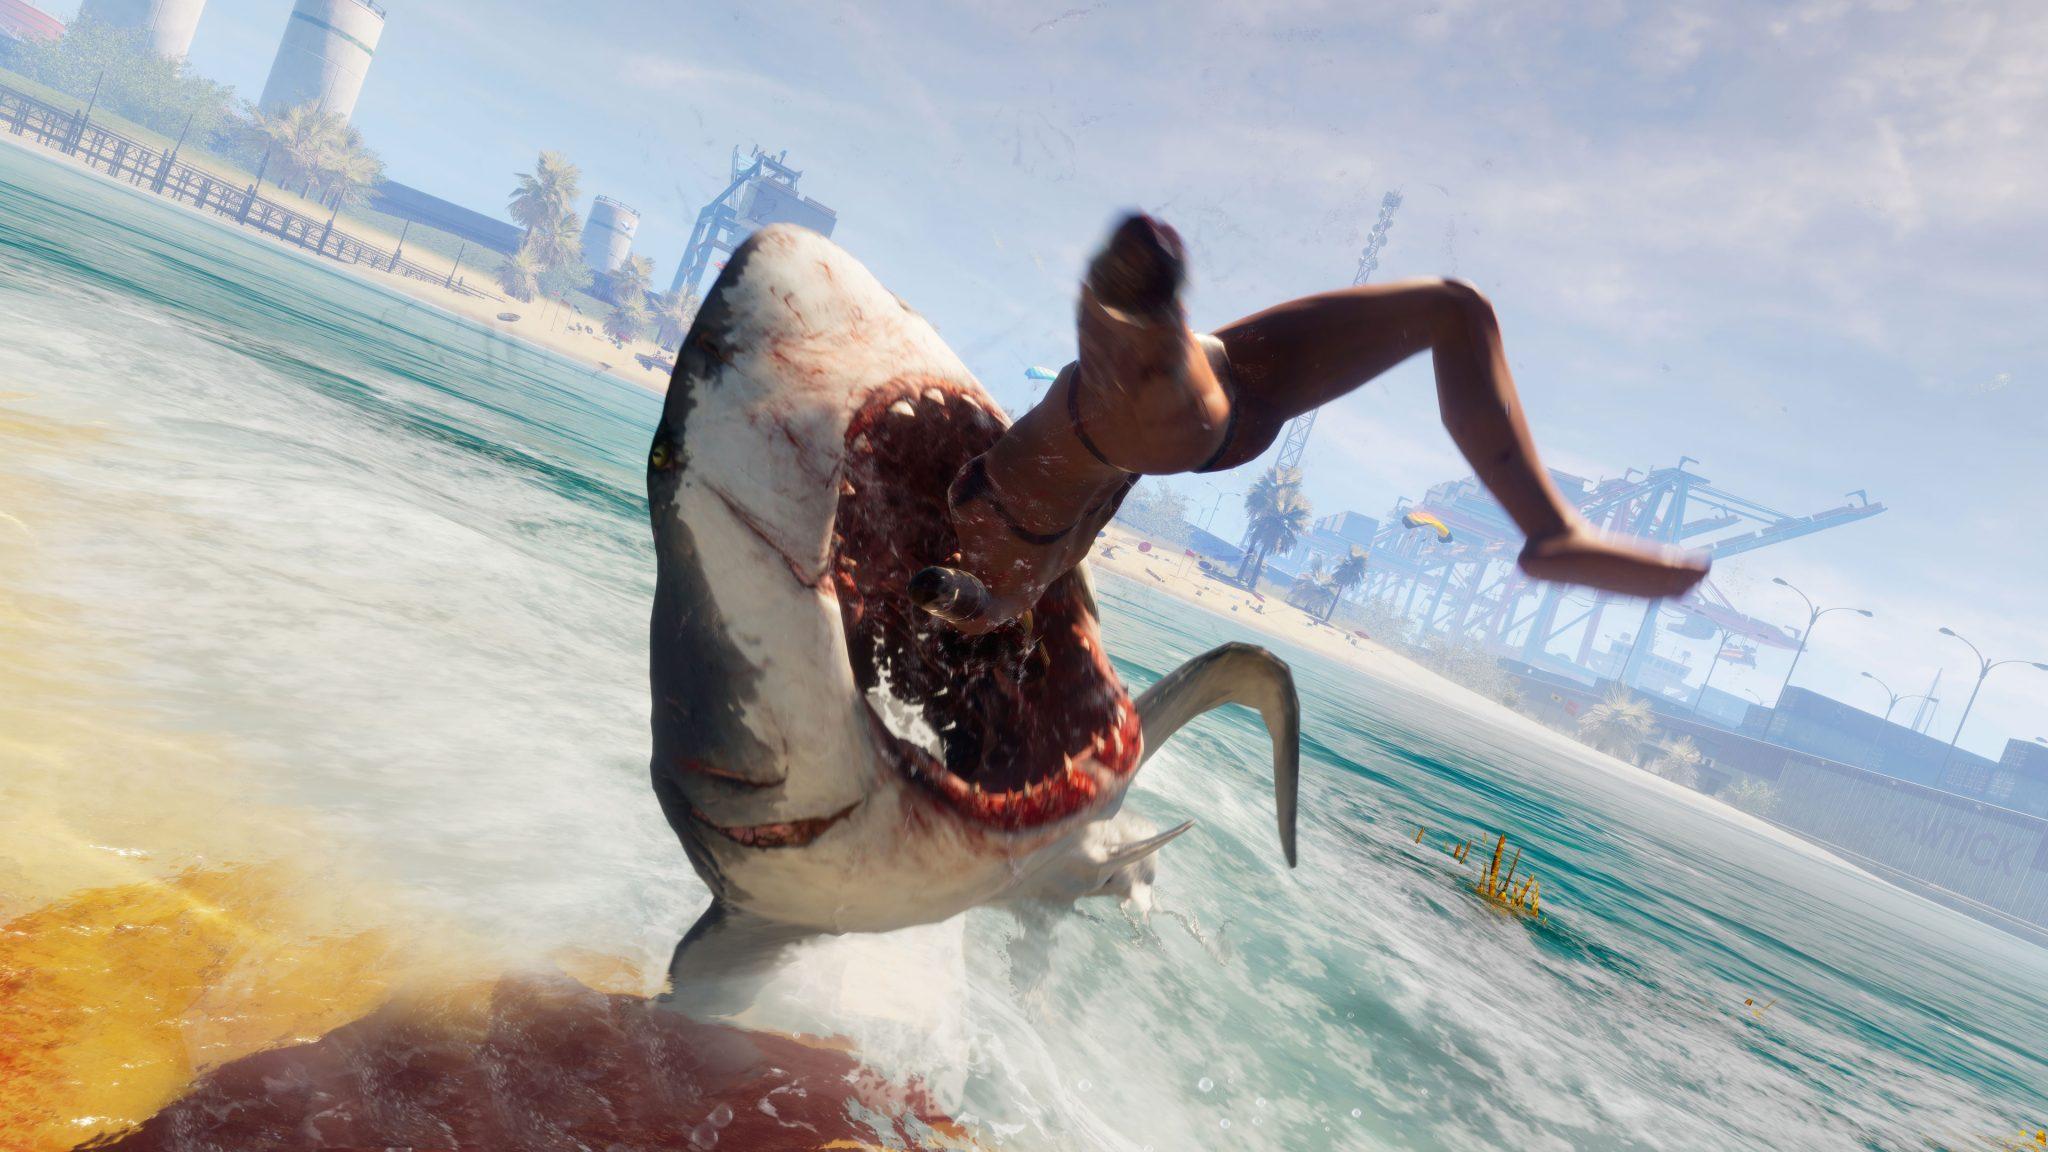 Aperçu Maneater - Un Rpg Qui Ne Manque Pas De Mordant intérieur Requin Jeux Video